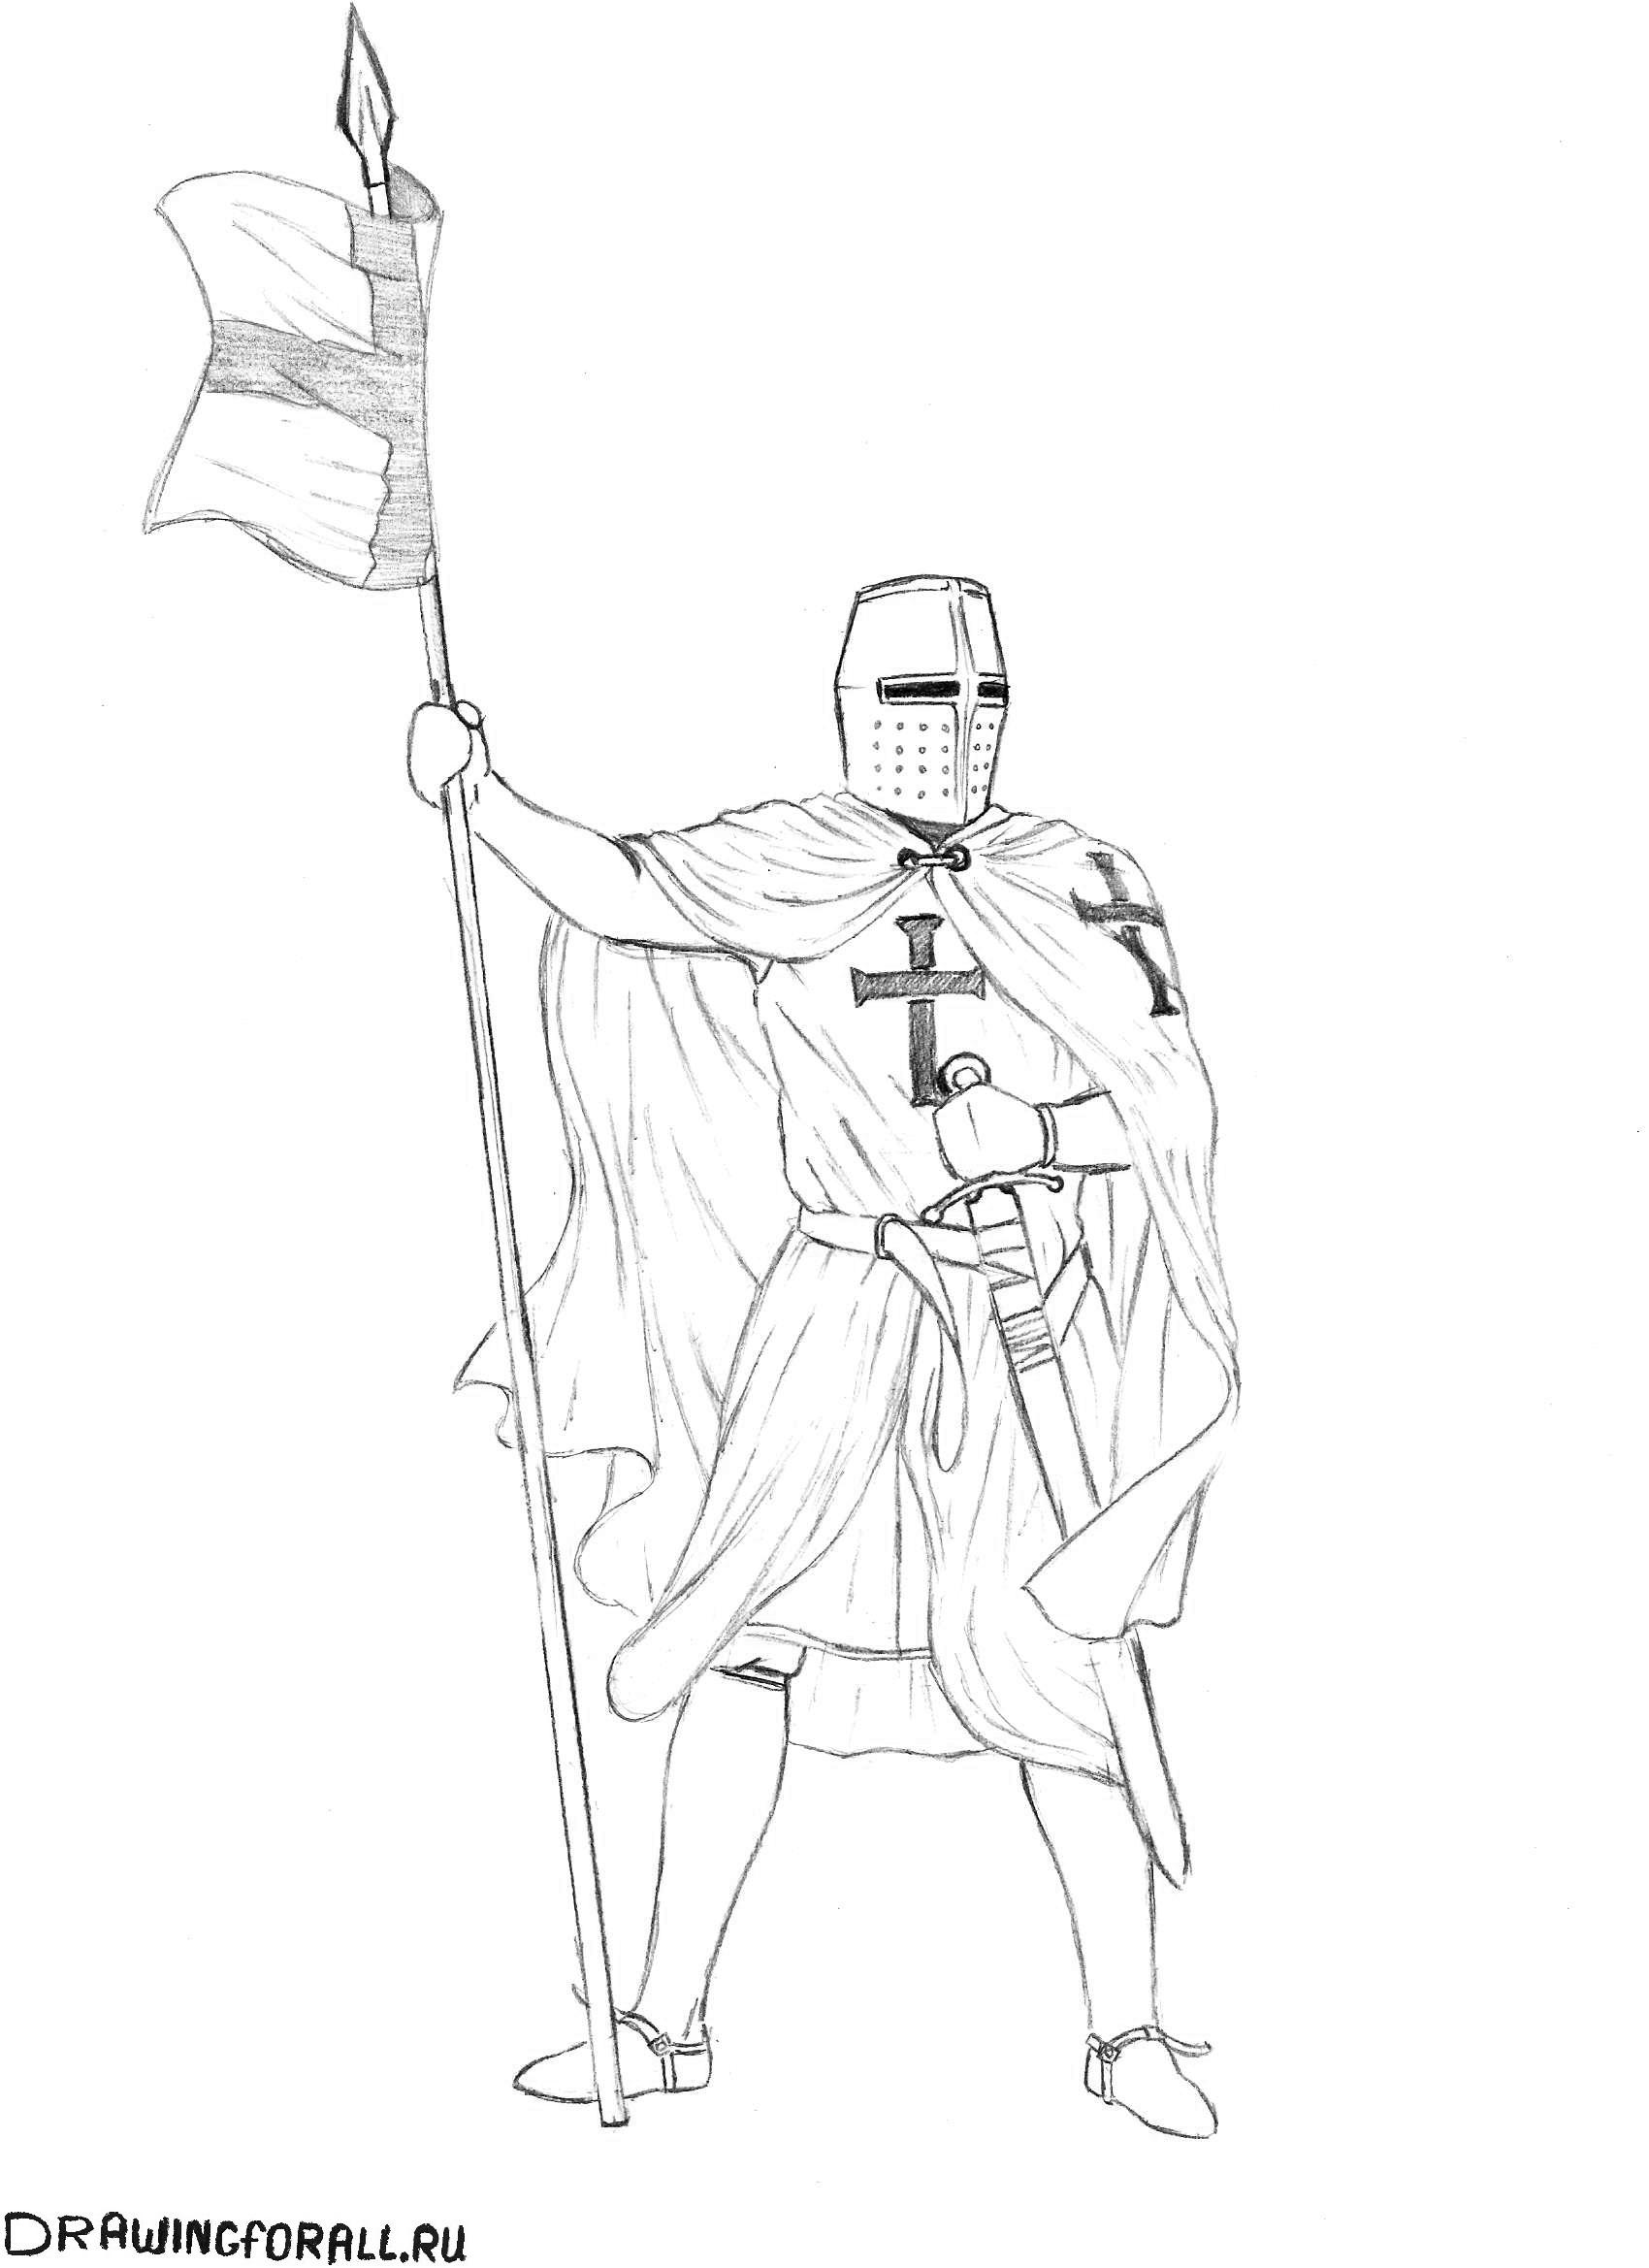 Рисунки карандашом рыцарей 2 фотография